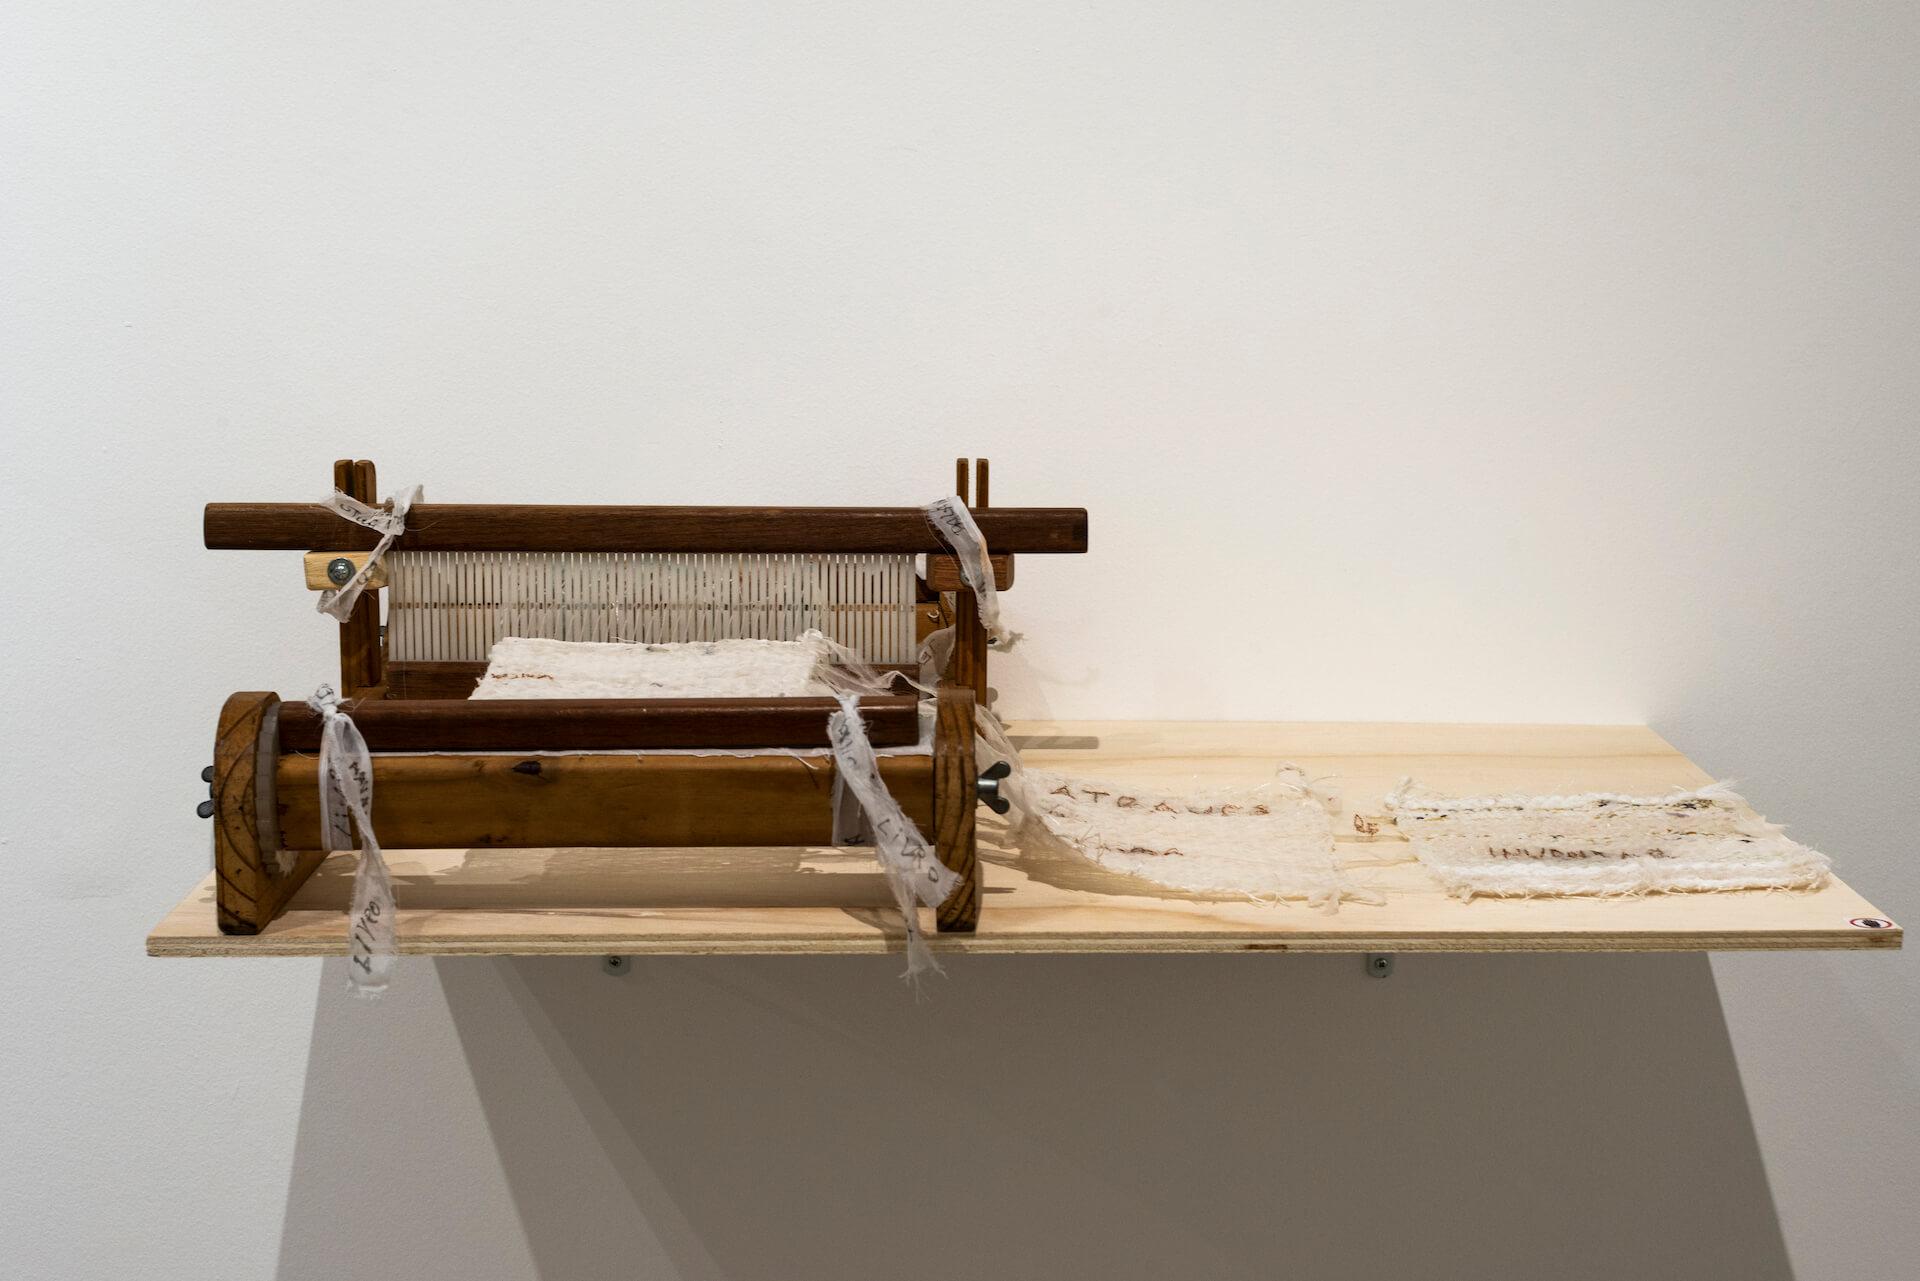 Narrar histórias, construir memórias. o livro de artista e seu processo / Foto: Marcia RosenbergerNarrar histórias, construir memórias. o livro de artista e seu processo / Foto: Marcia Rosenberger